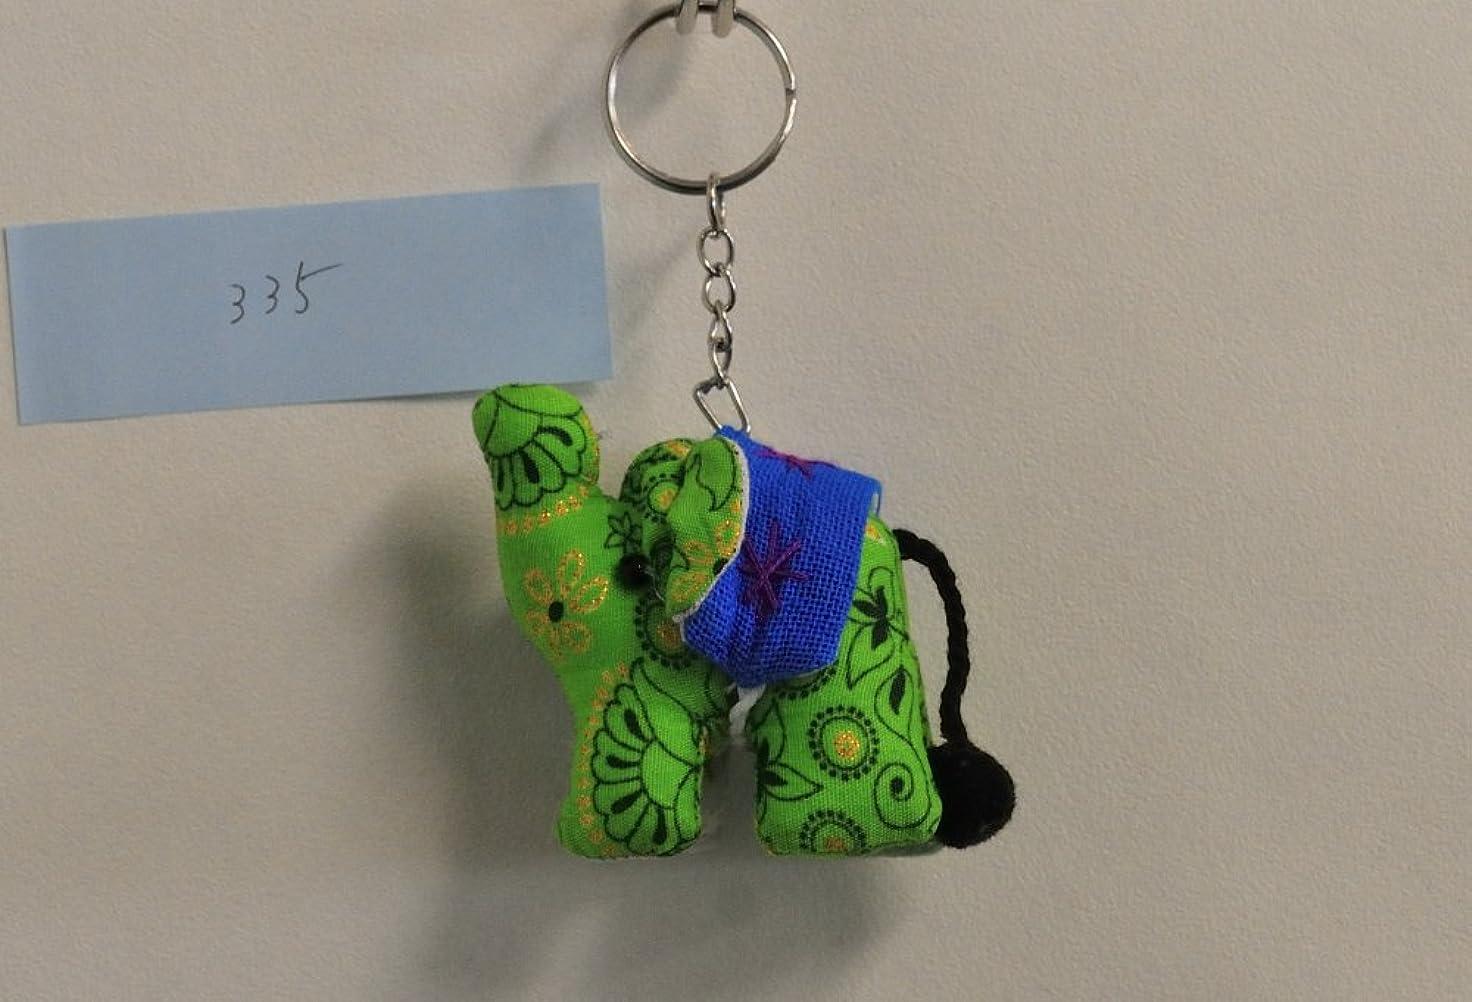 ホイッスル出席のどモン族 象のキーホルダー335